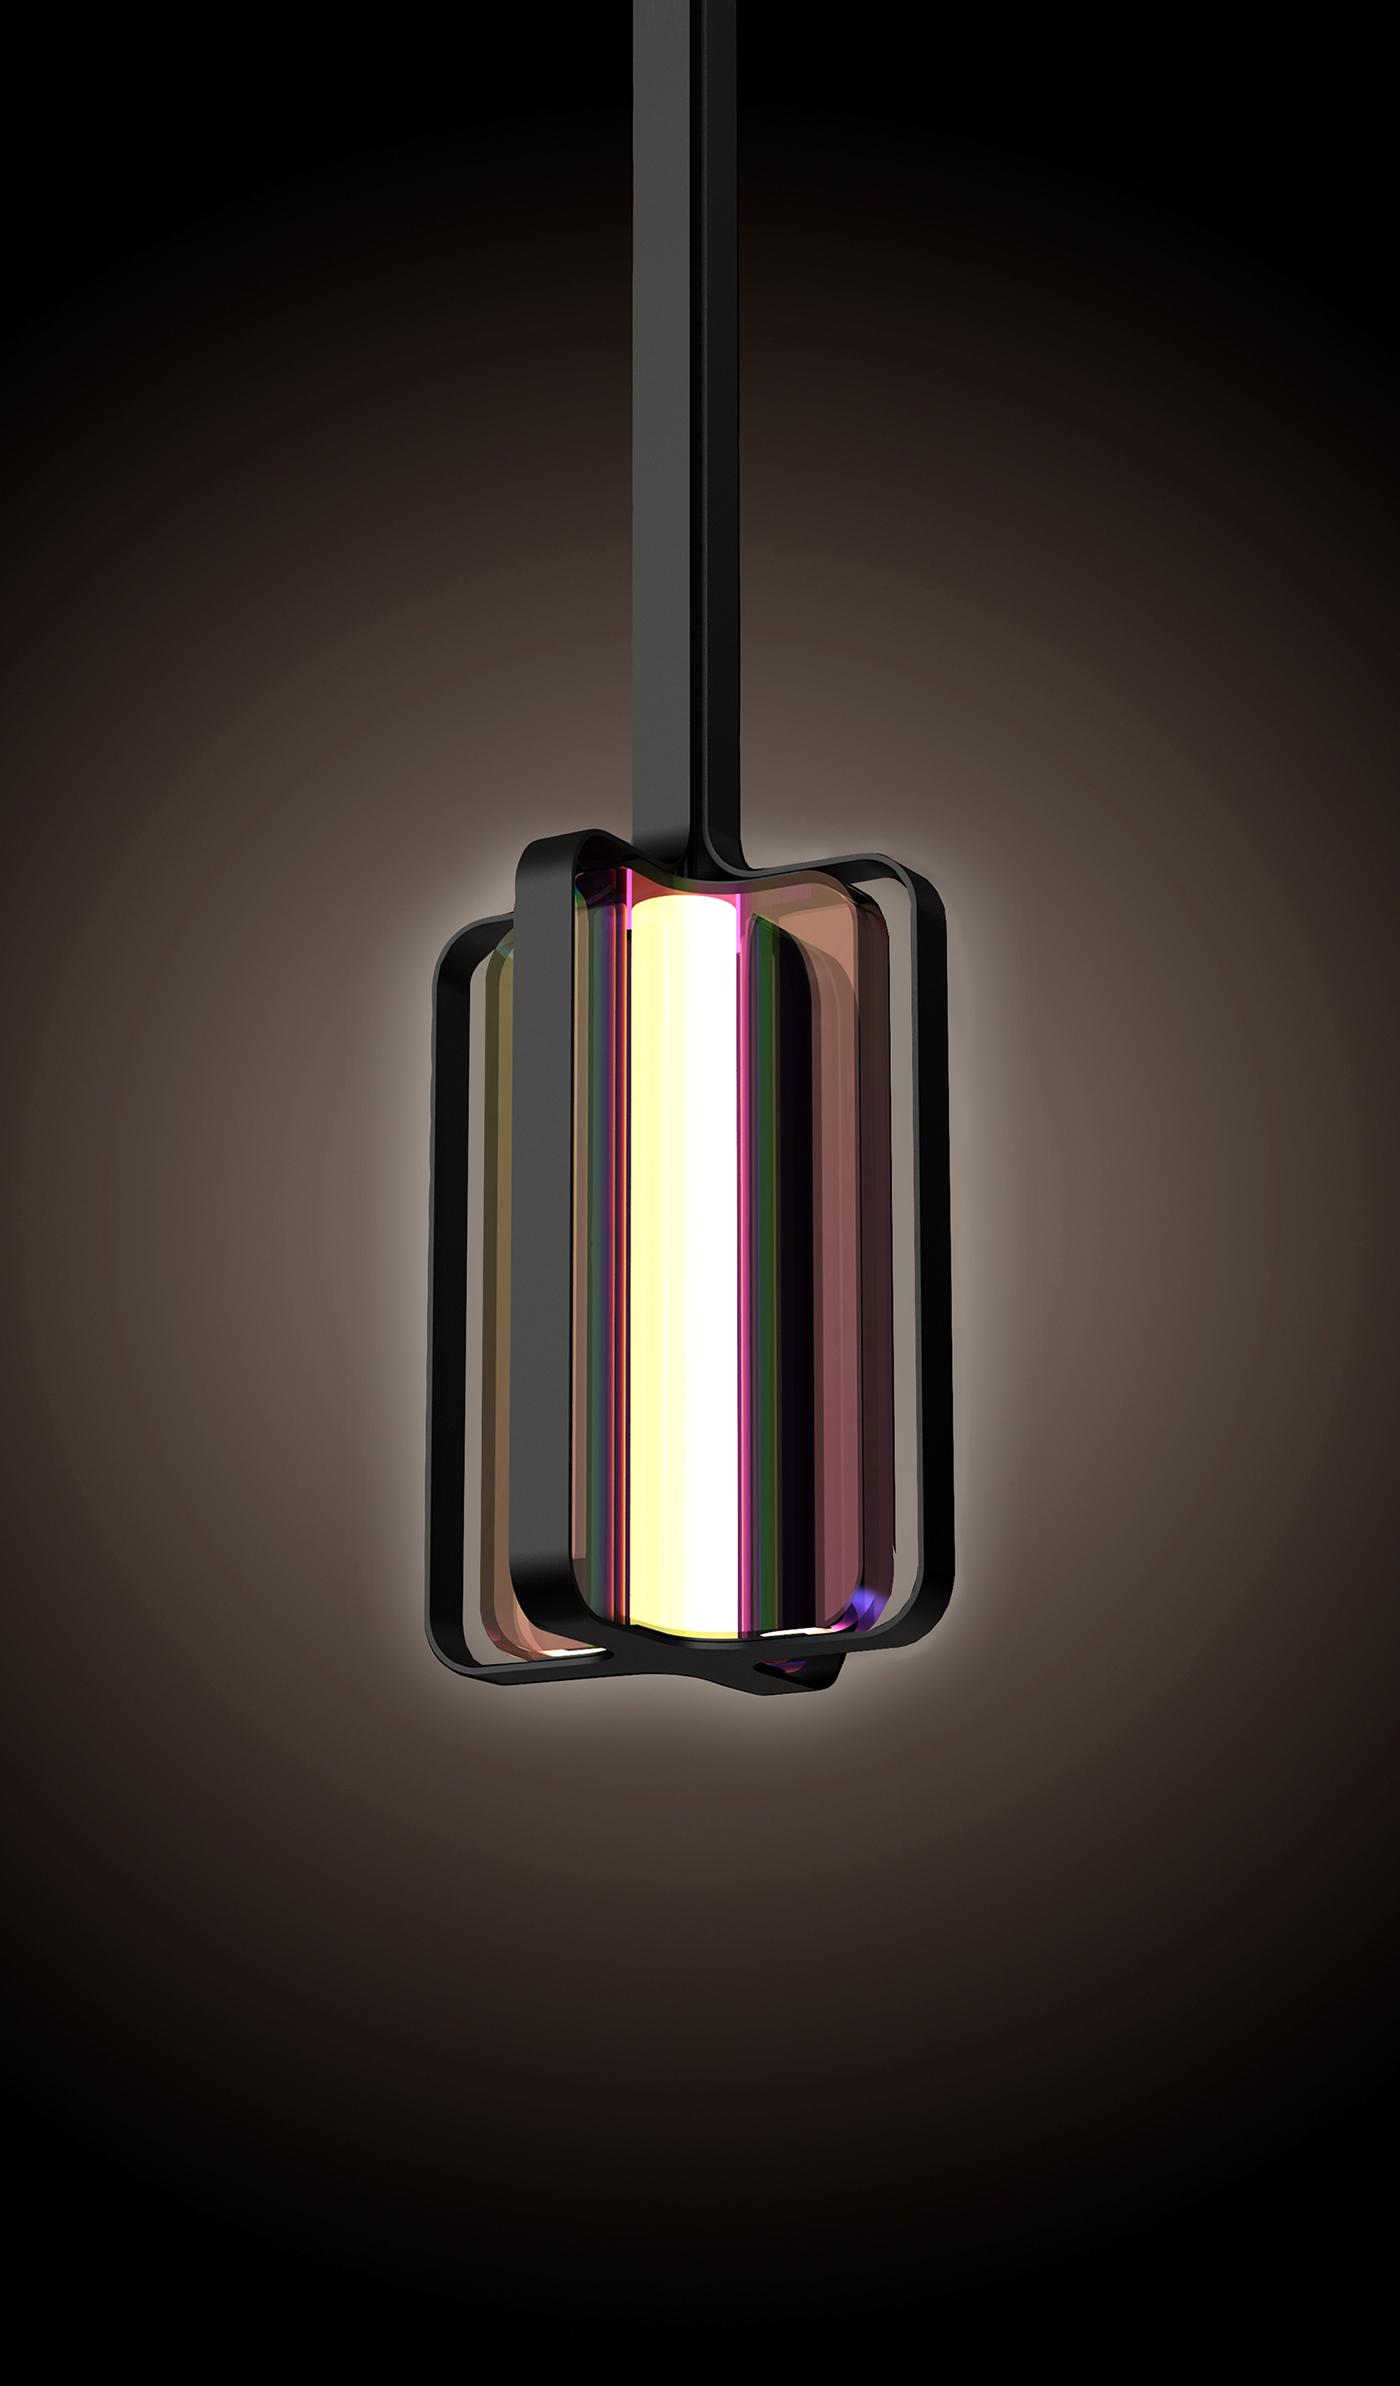 luminaire design for hilton hotels on behance. Black Bedroom Furniture Sets. Home Design Ideas